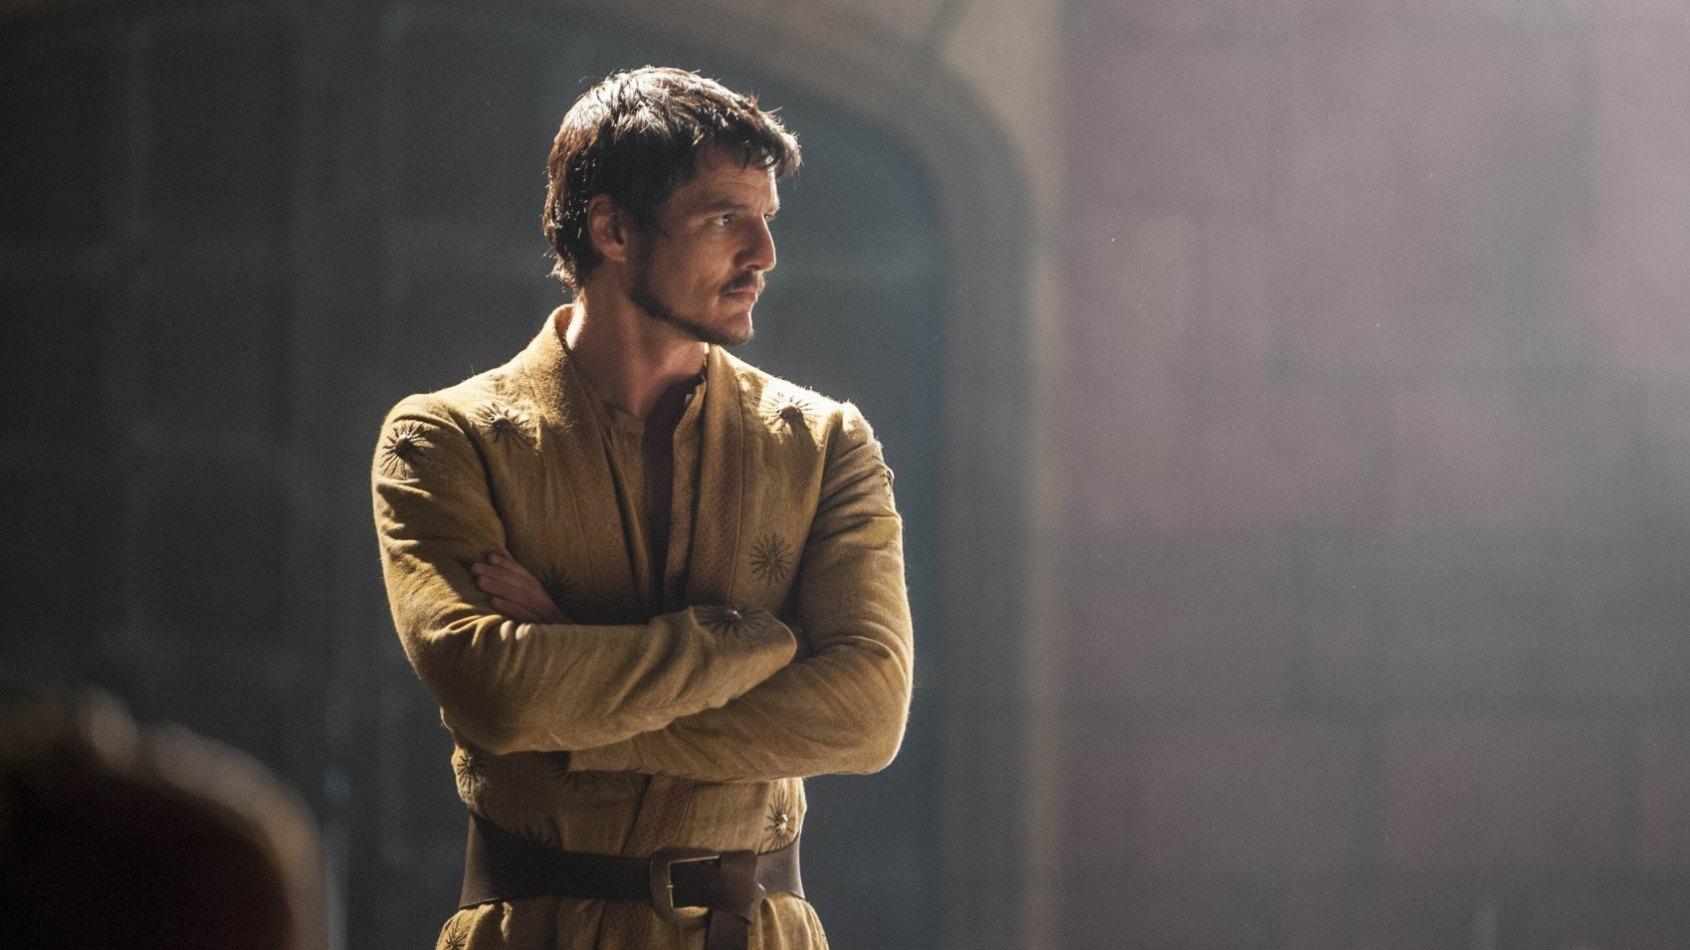 Star Wars - The Mandalorian : Le tournage a commencé... la première image officielle